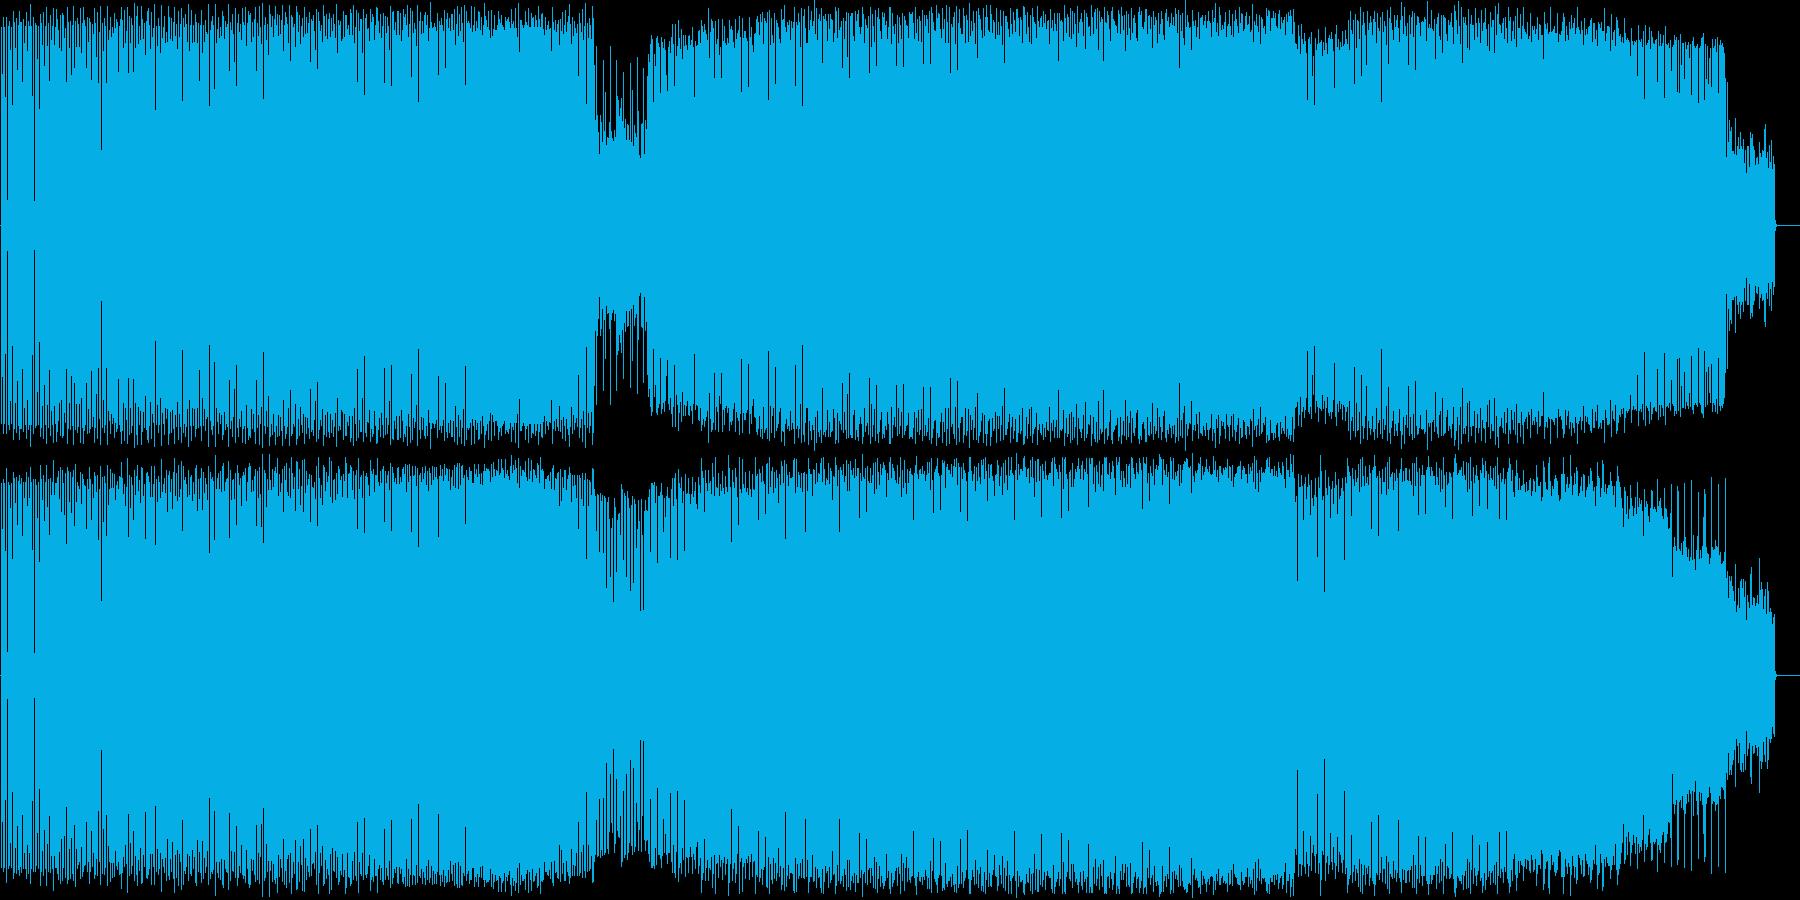 シンプルなドラムとベース、ディープハウスの再生済みの波形